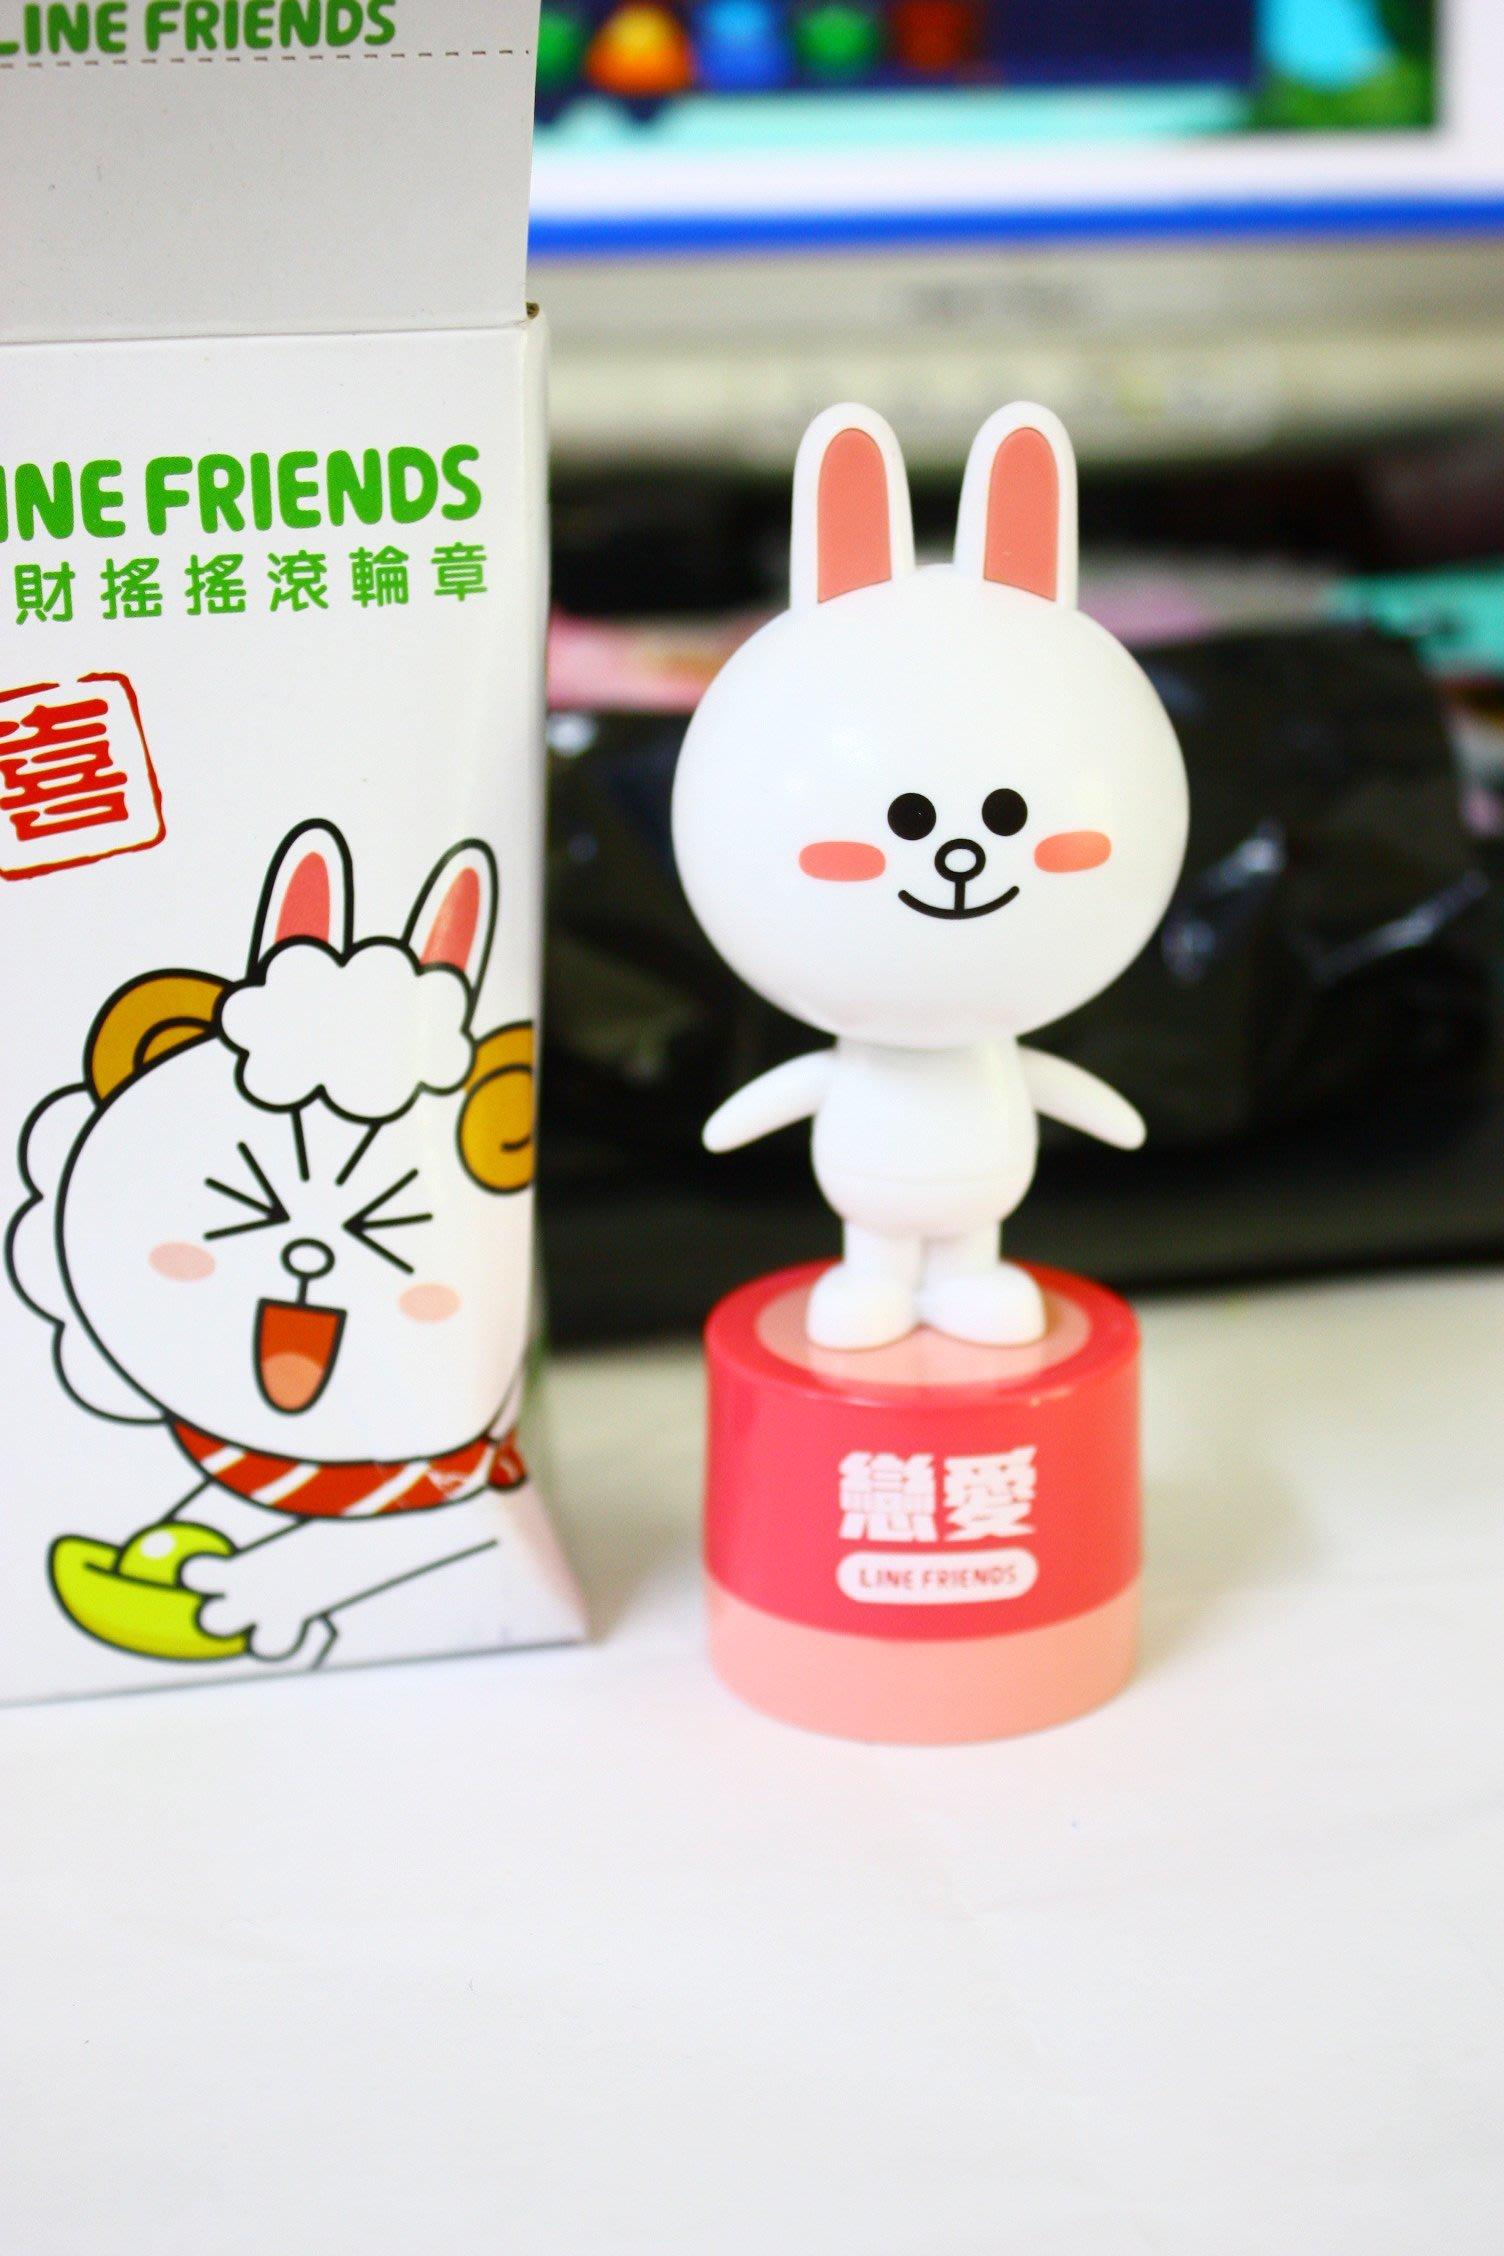 【R的雜貨舖】7-11 LINE 兔兔滾輪印章